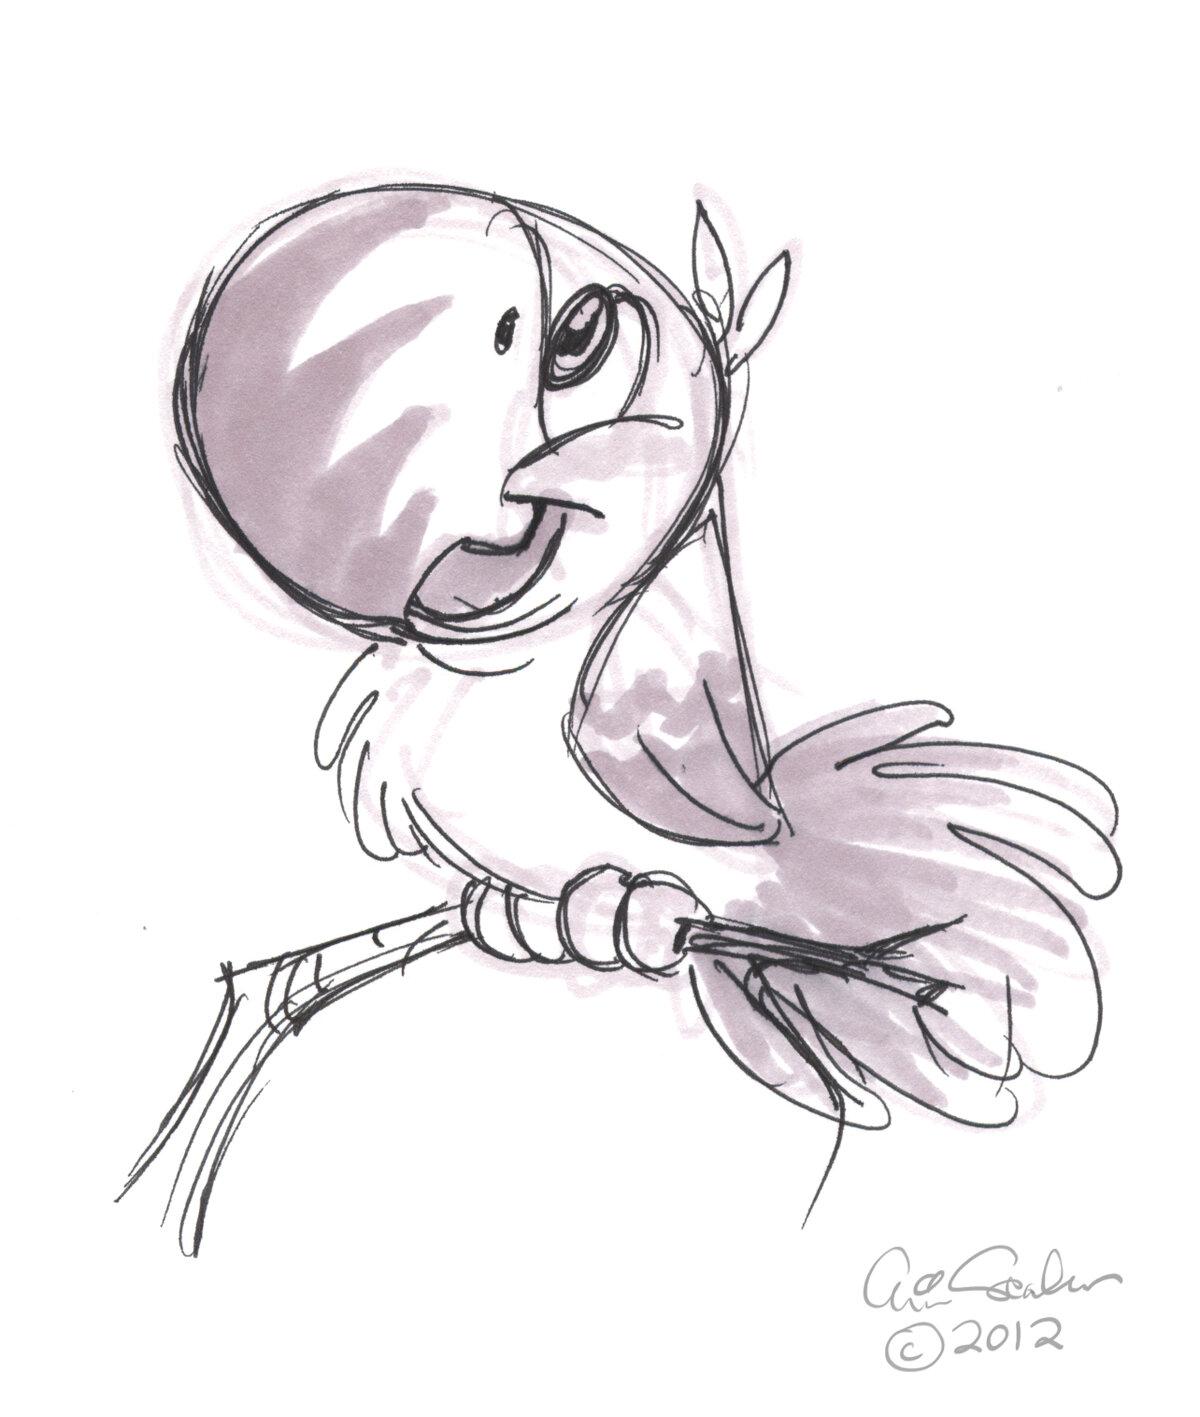 Прикольные рисунки карандашом животных